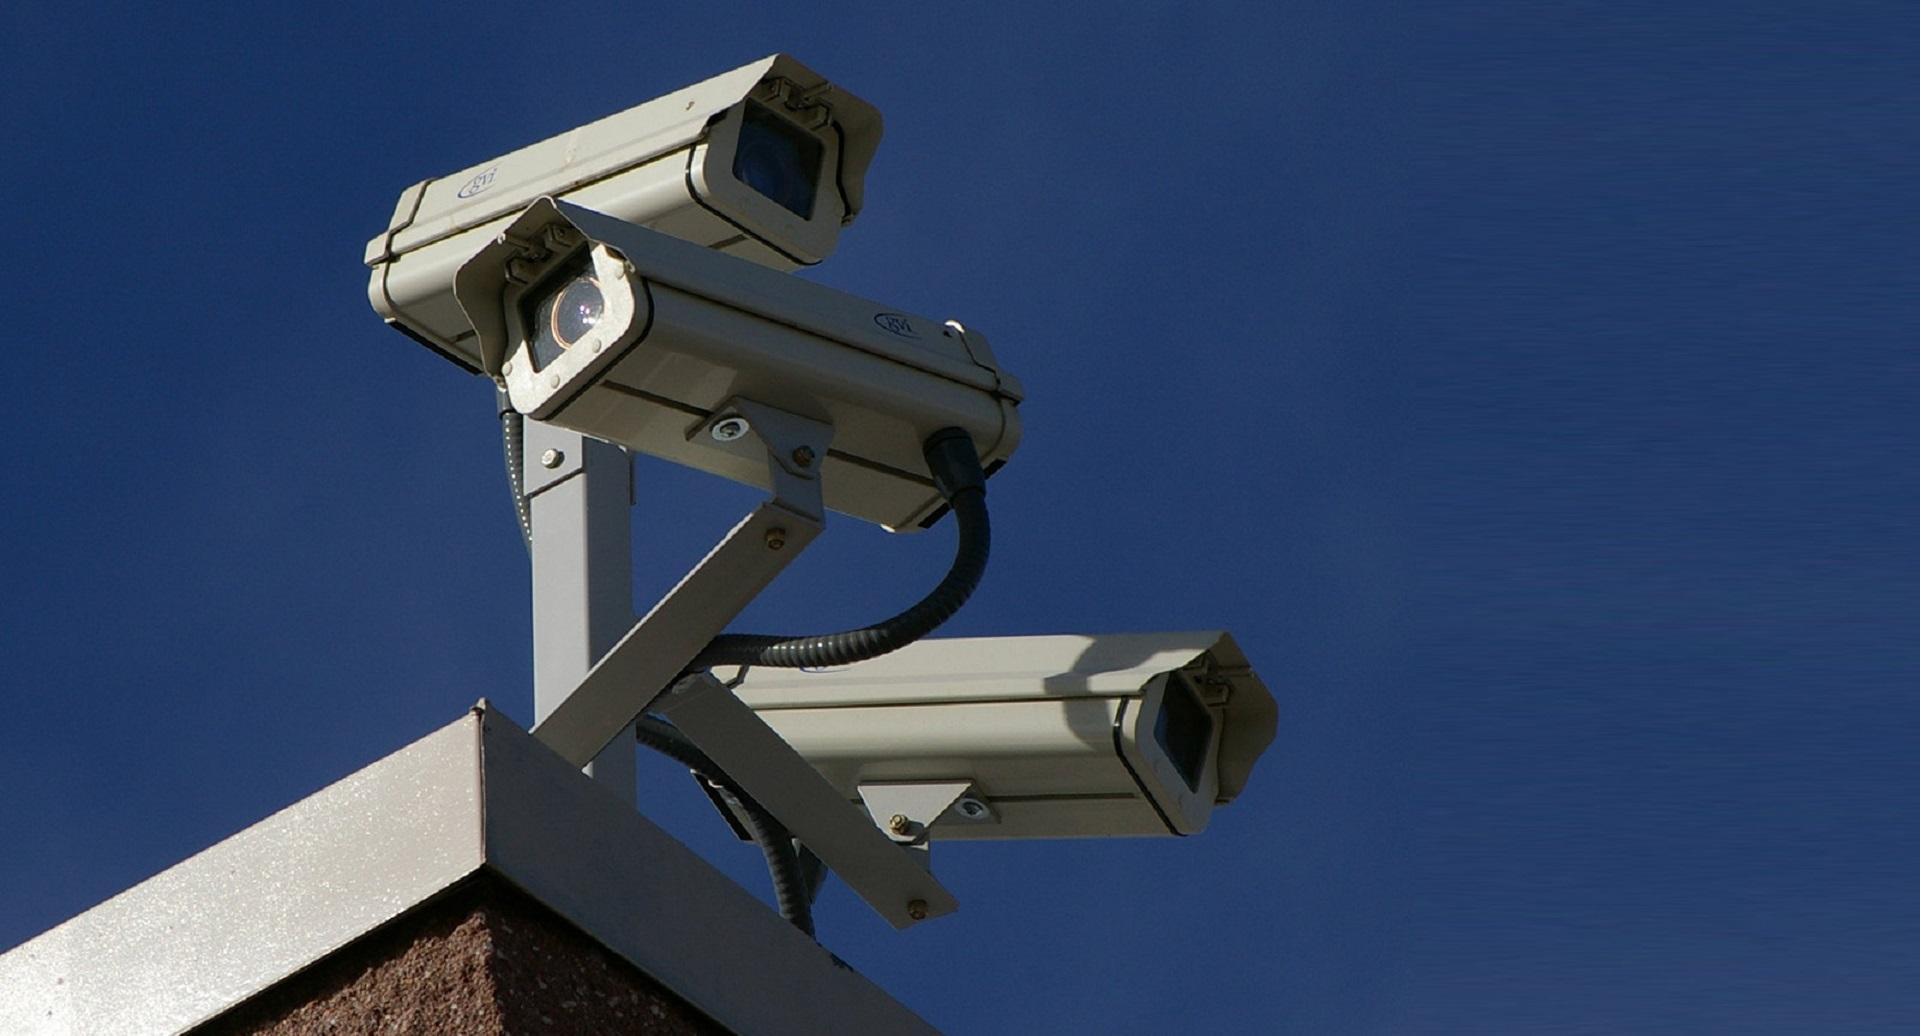 В Башкирии установят 600 дорожных камер: Список мест, где появятся комплексы